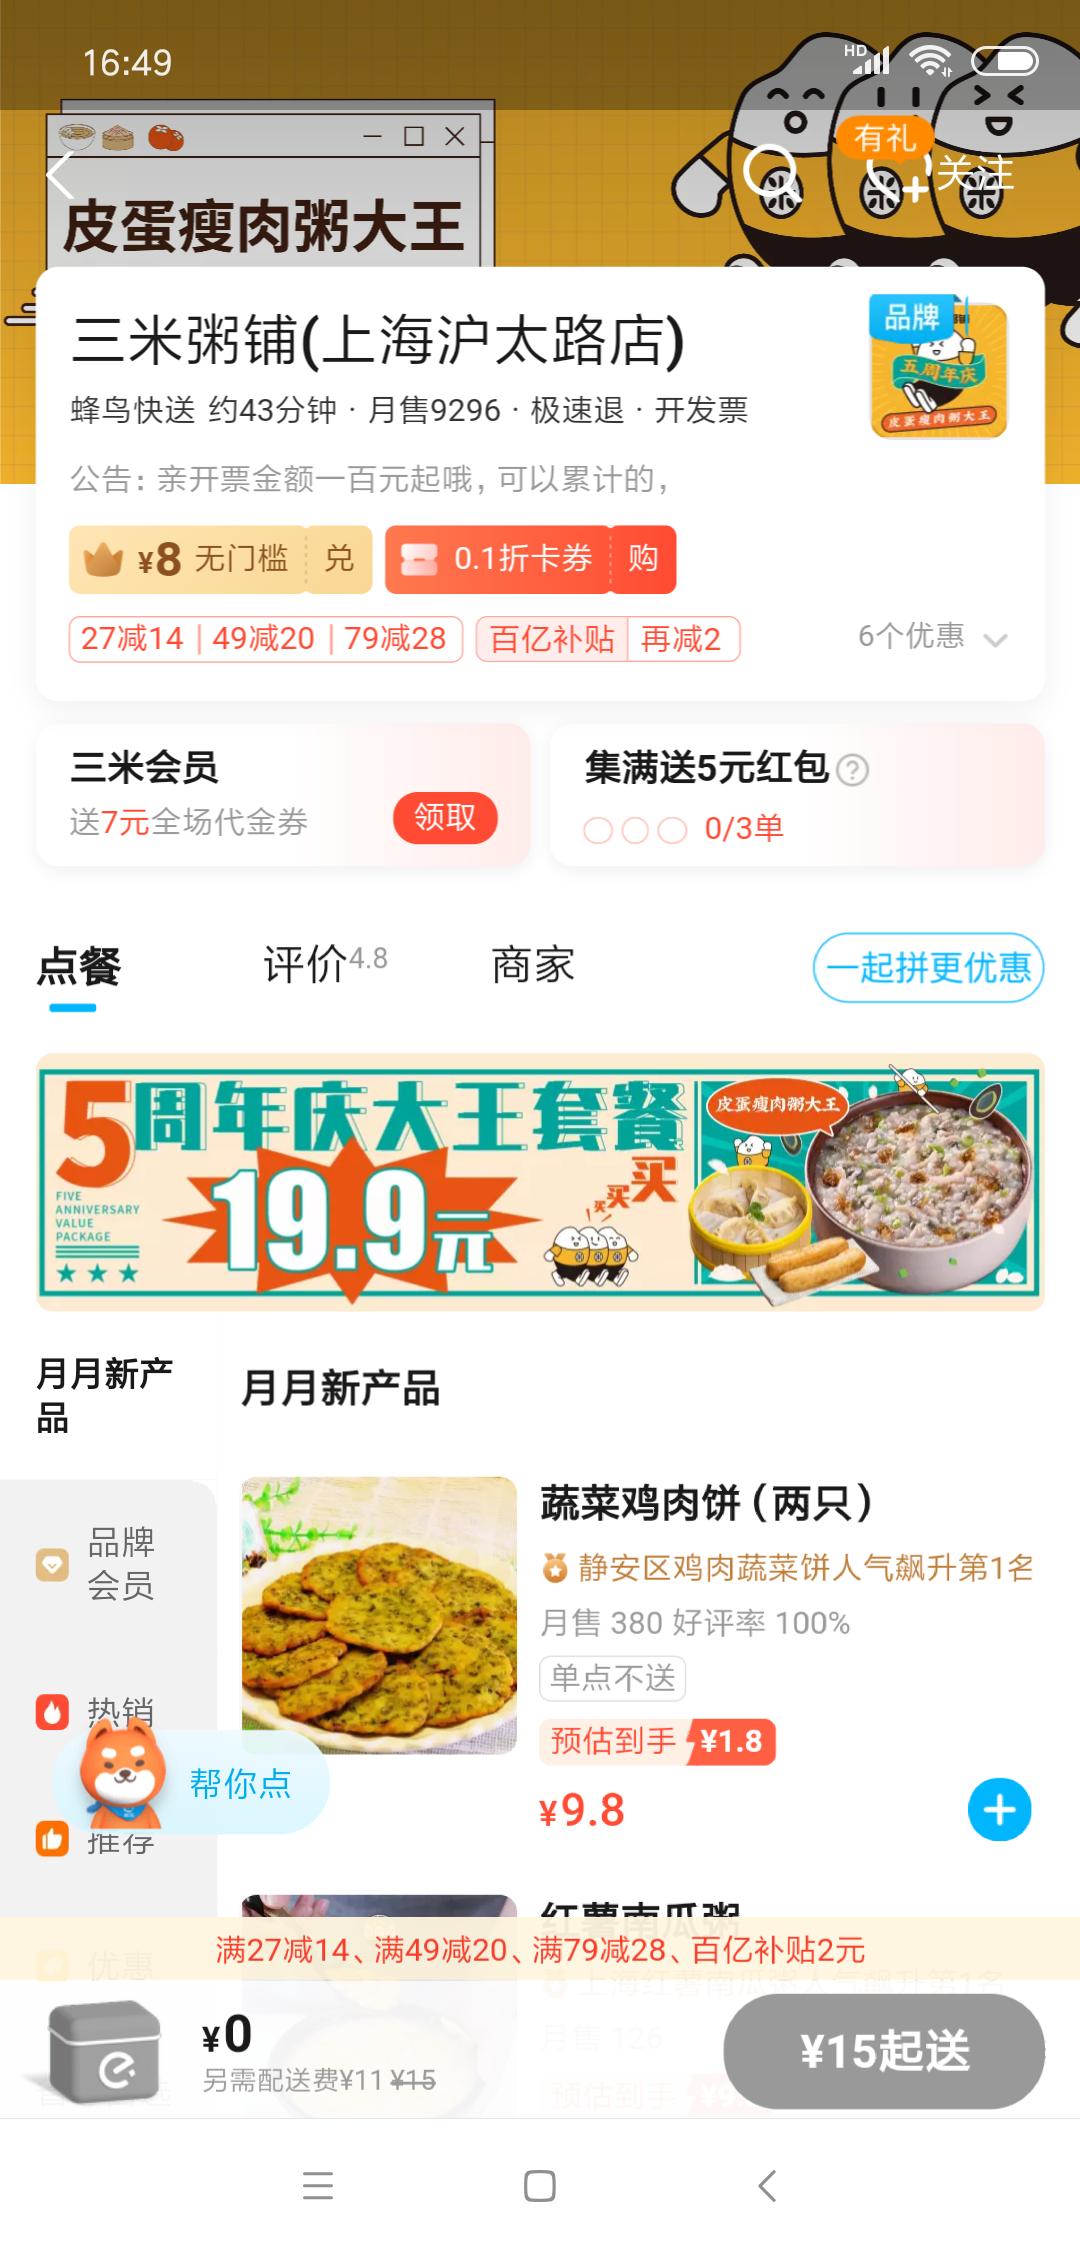 上海沪太路店.png